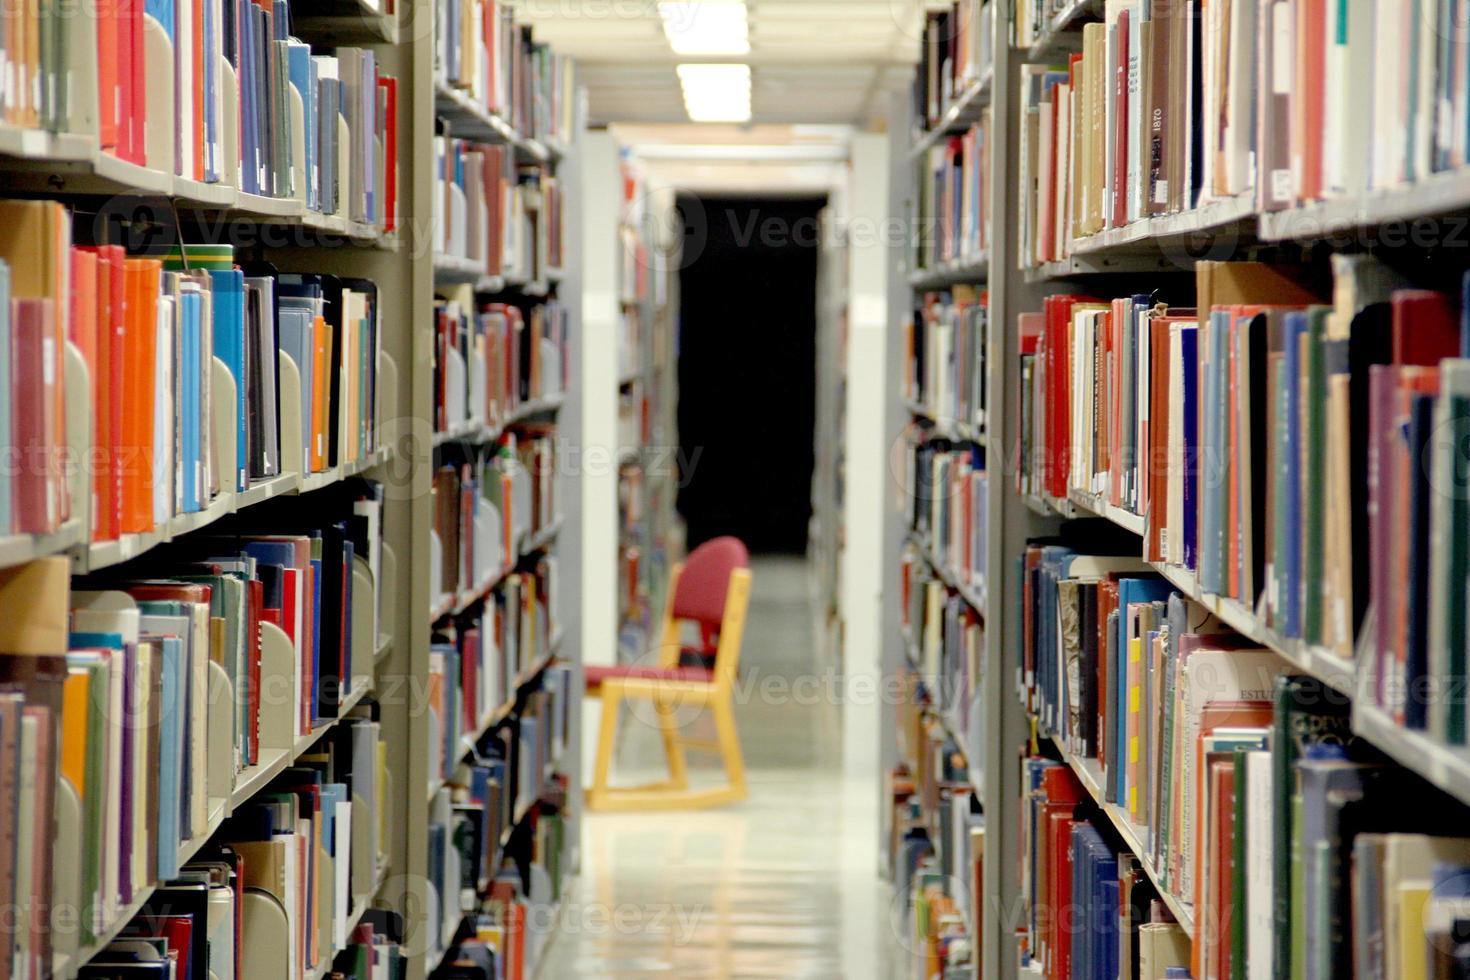 Bücherregal in der Bibliothek foto